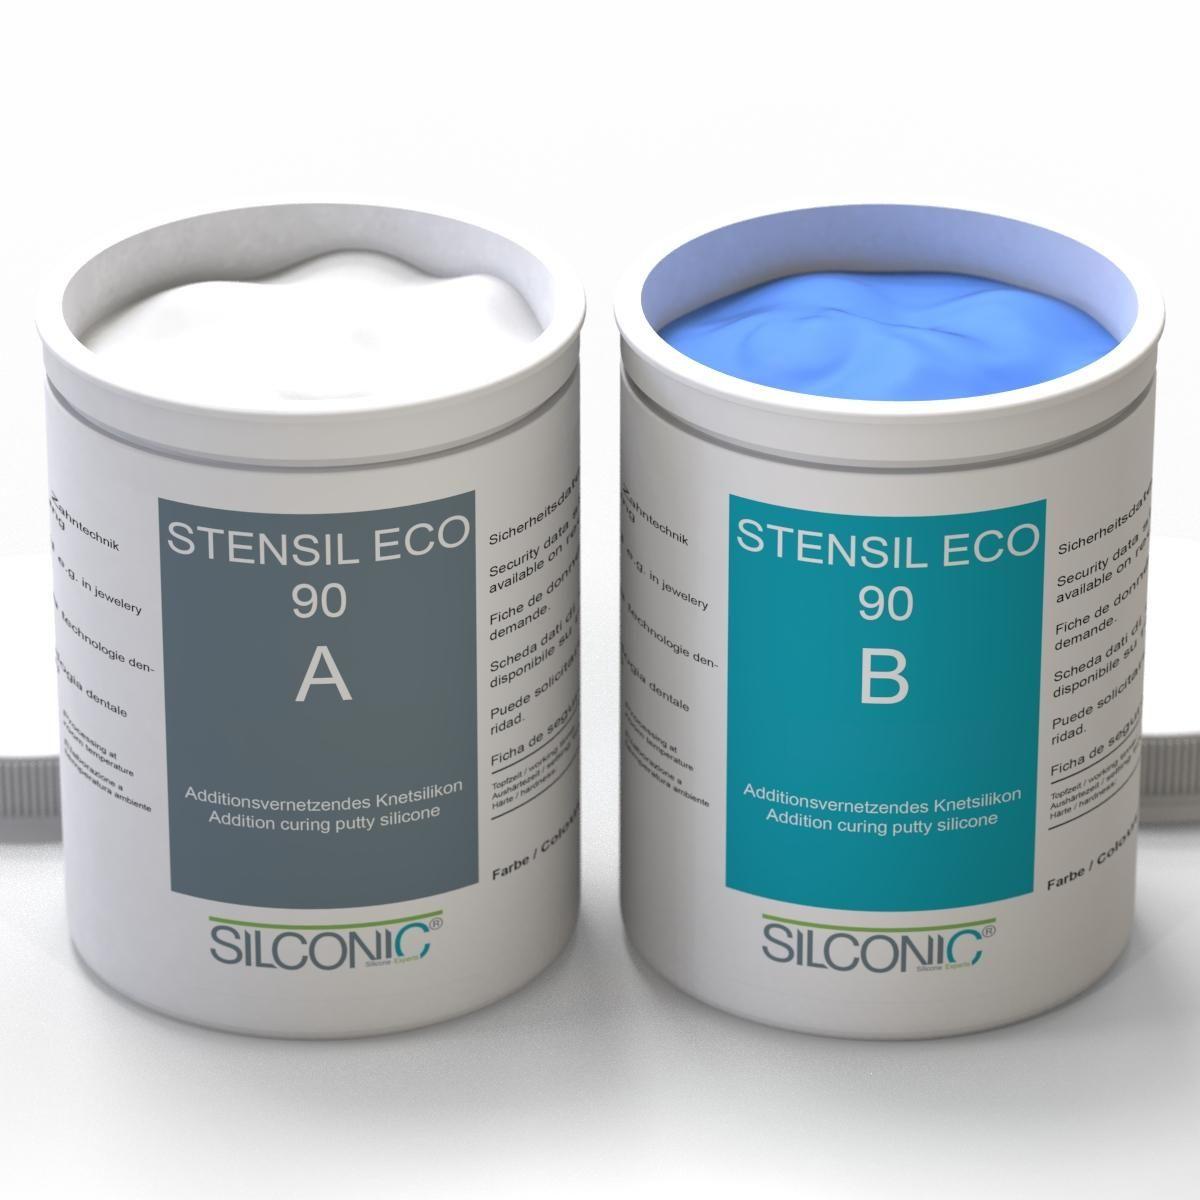 STENSIL ECO 90 Blau SET